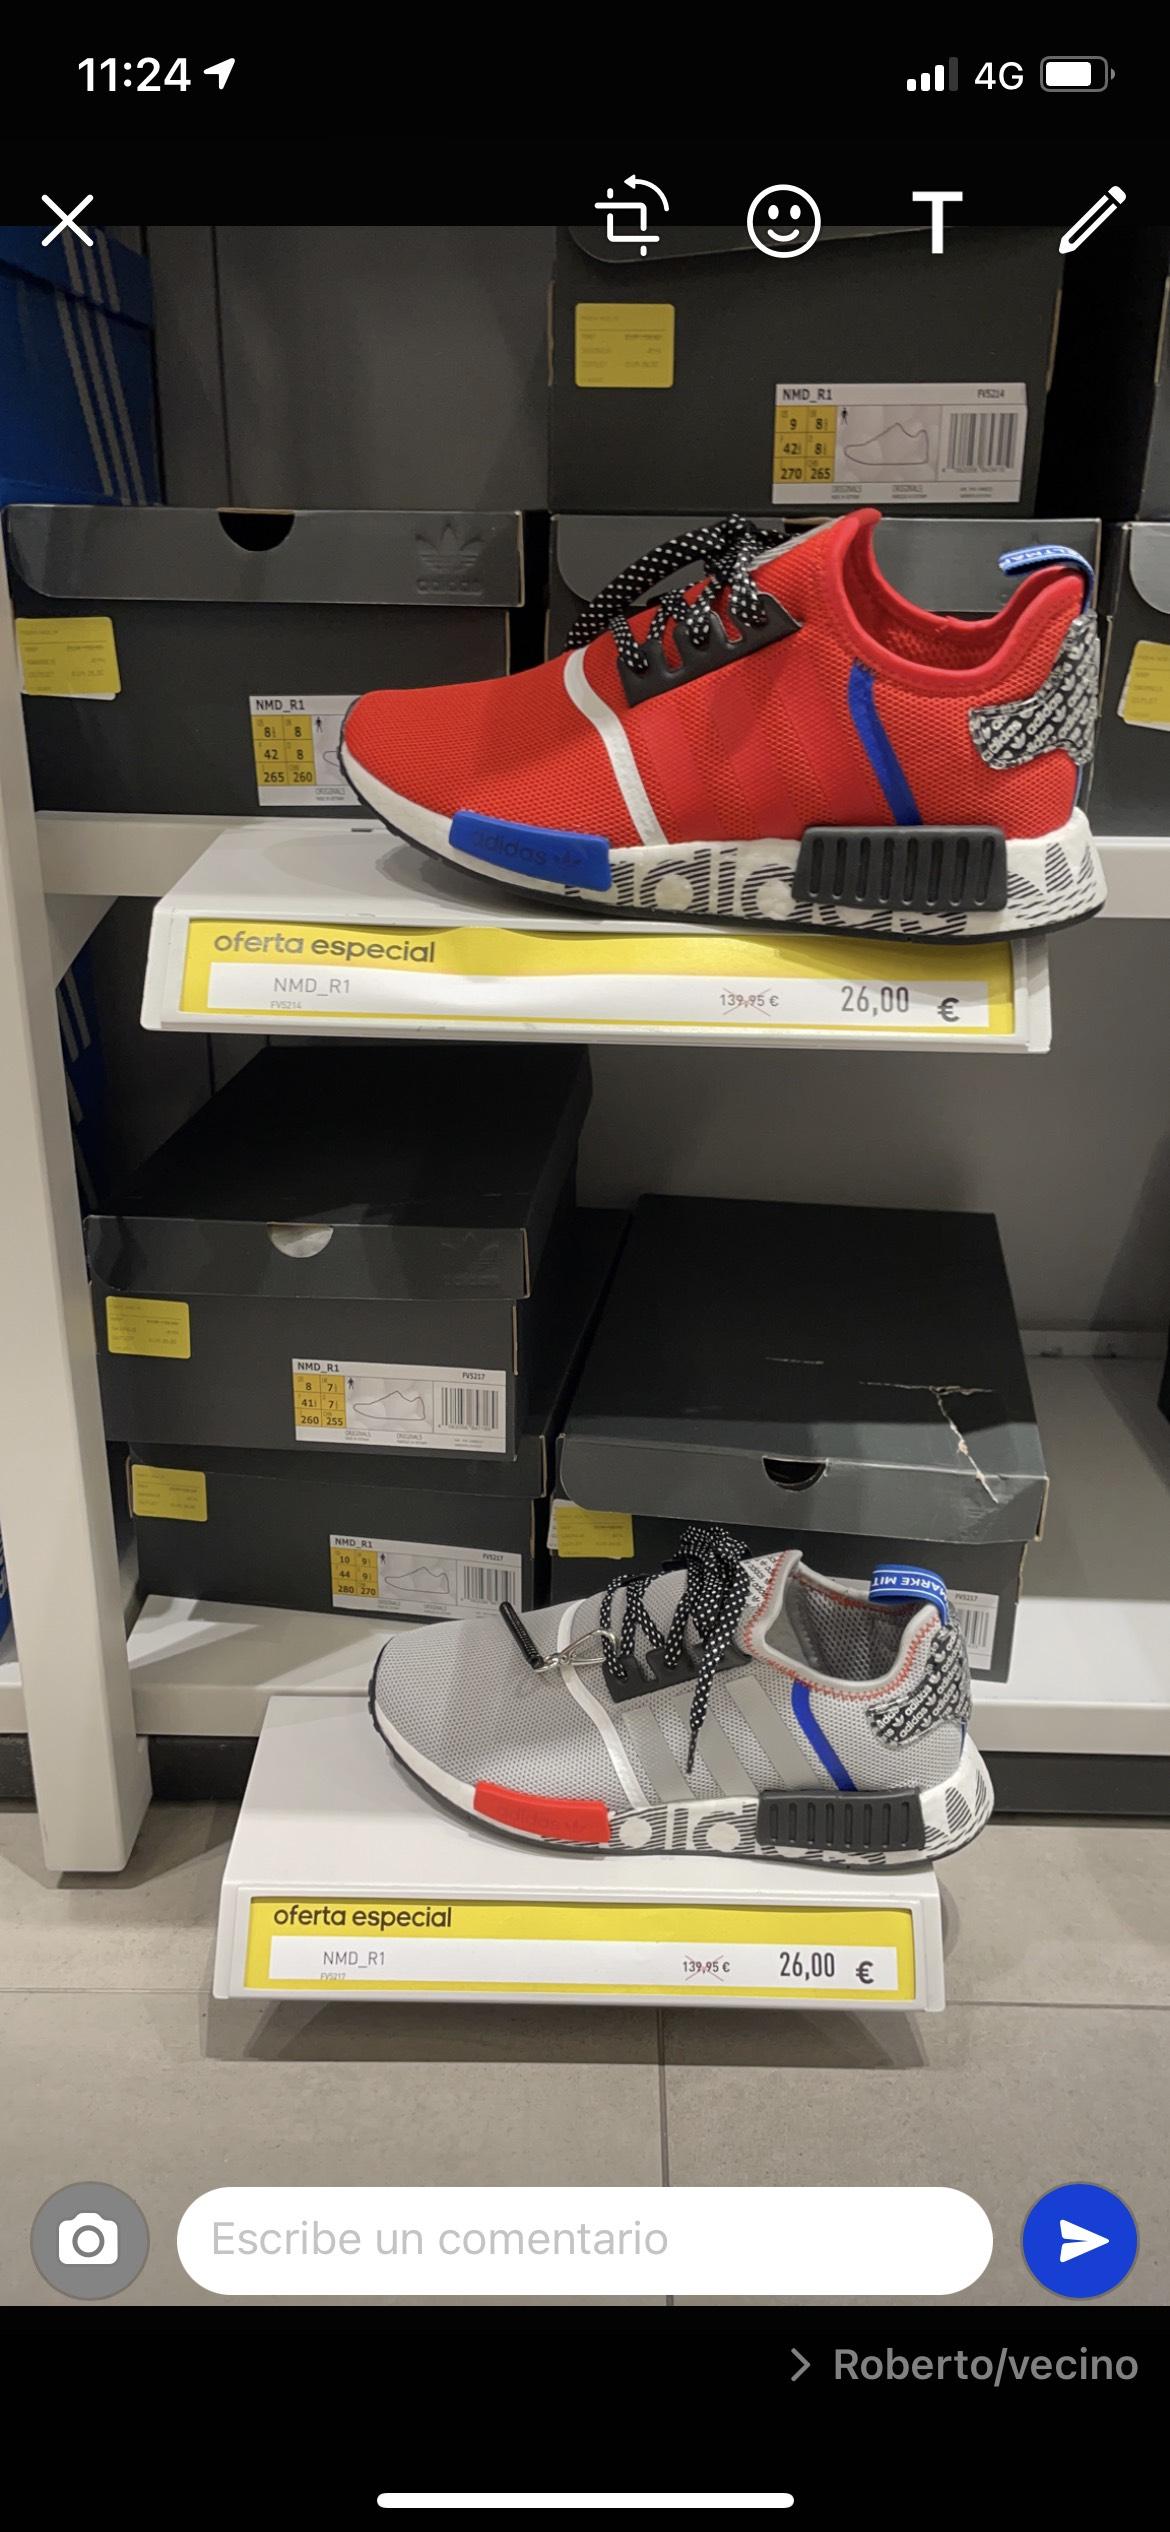 Zapatillas Adidas nmd-r1